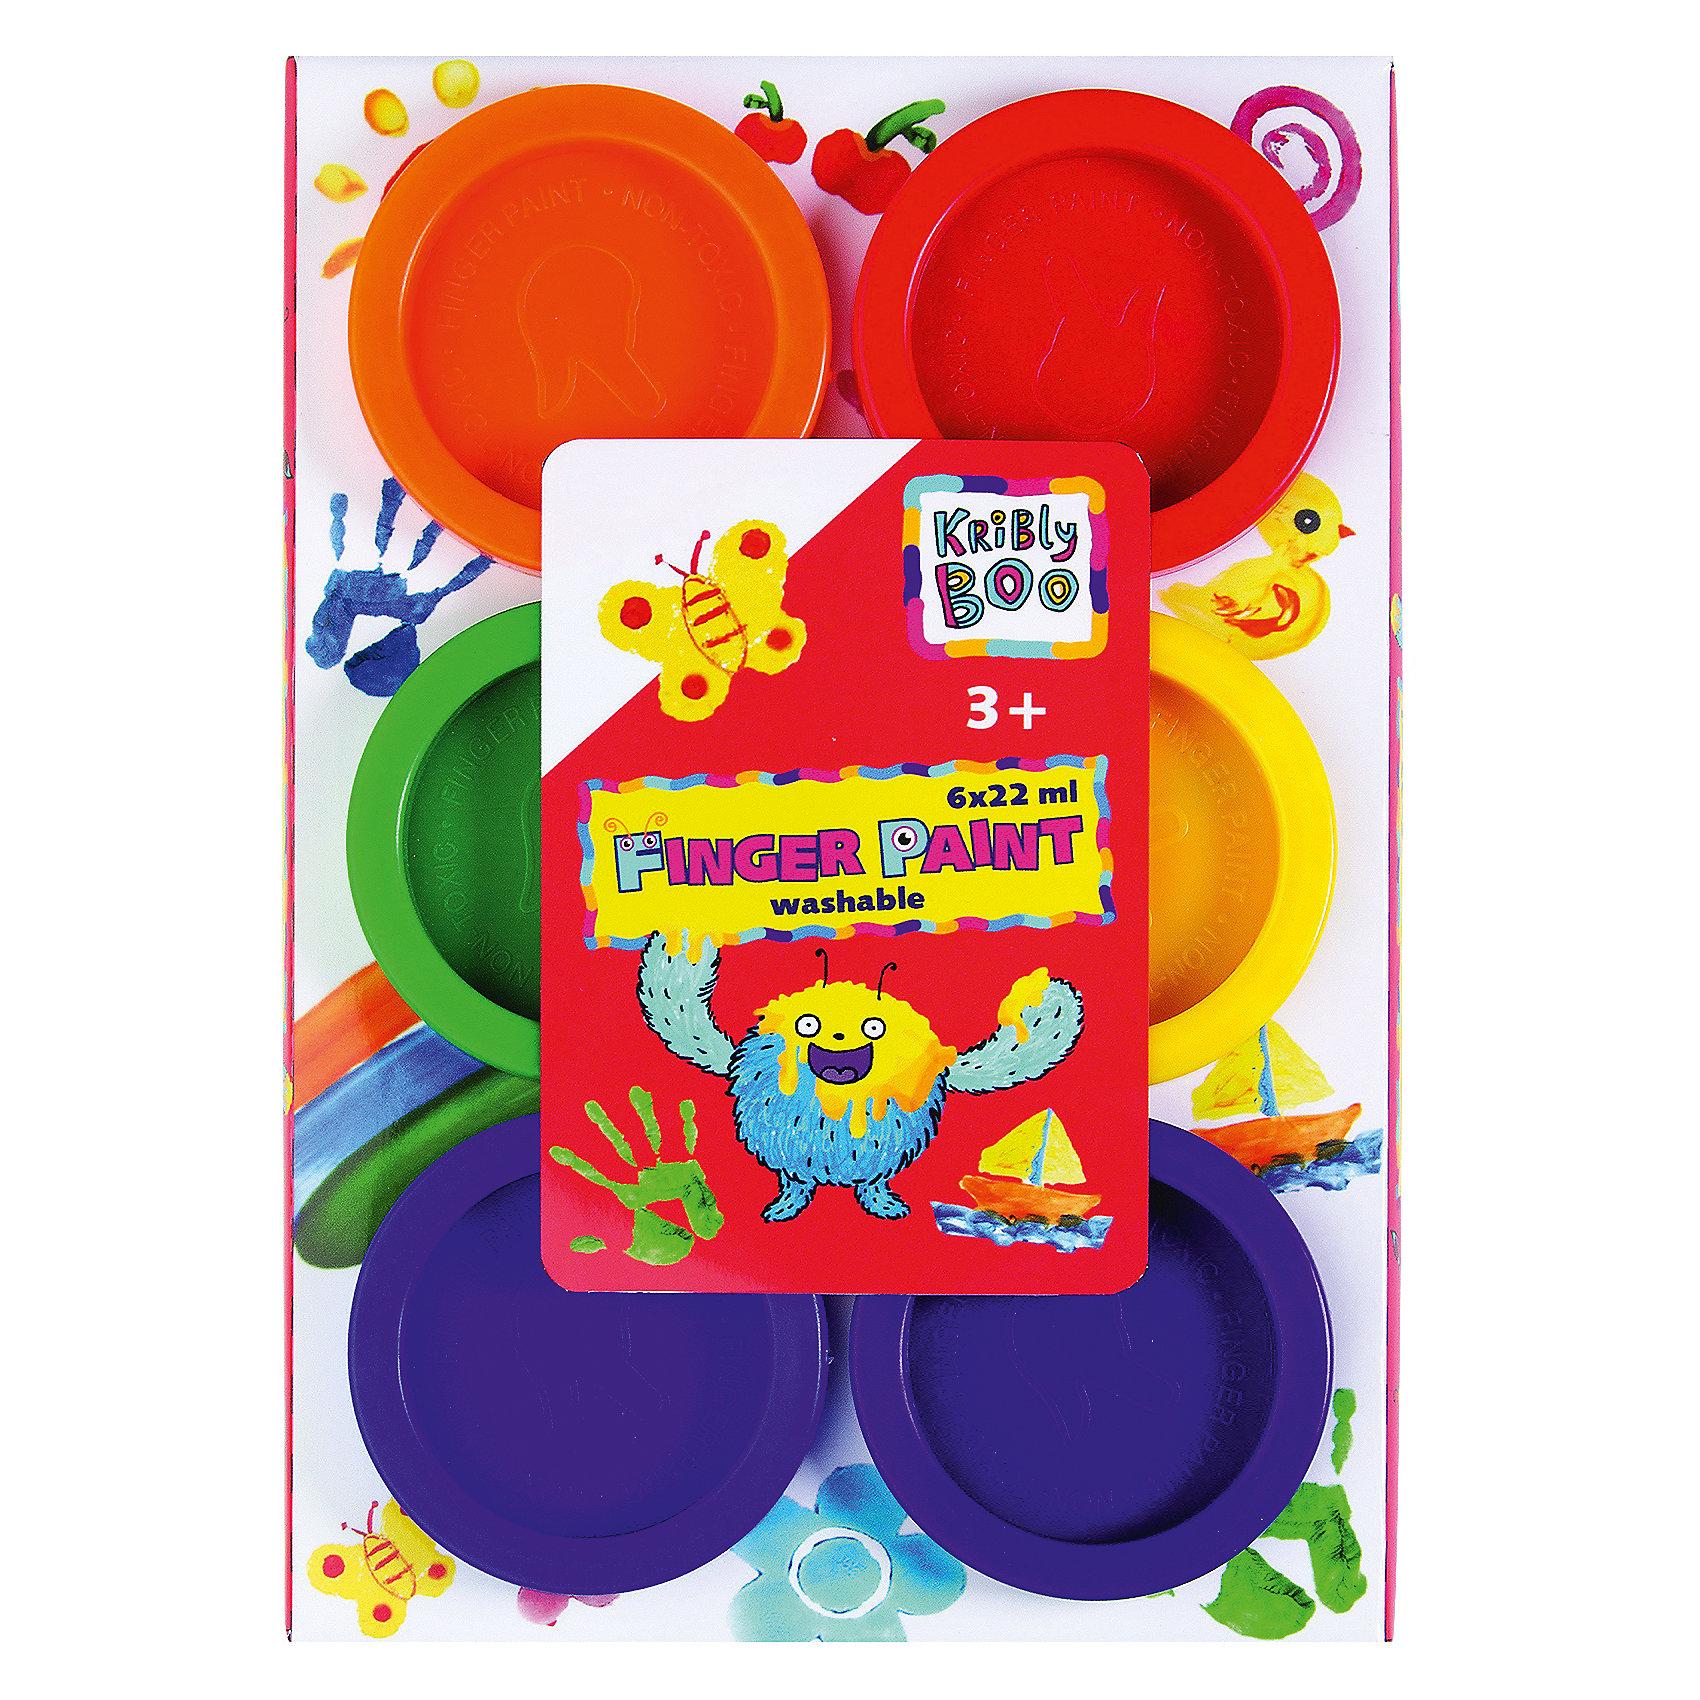 Пальчиковые краски, 6 цветовПальчиковые краски, 6 цветов - увлекательный набор для творчества, который позволит маленькому художнику создать свои первые шедевры.<br>Данные краски позволят ребенку рисовать не кистью, а своими пальчиками, что привнесет еще больше веселья в творческий процесс. Краски абсолютно безопасны для детской кожи и без проблем смываются водой. С помощью 6 красочных цветов малыш сможет творить все, что подскажет ему воображение. После высыхания краски не бледнеют, а остаются такими же яркими и сочными.<br><br>Дополнительная информация:<br><br>- В наборе: 6 баночек с краской по 22 мл.<br>- Размер упаковки: 17х12х3 см.<br>- Вес: 252 гр.<br><br>Пальчиковые краски, 6 цветов можно купить в нашем интернет-магазине.<br><br>Ширина мм: 170<br>Глубина мм: 120<br>Высота мм: 30<br>Вес г: 252<br>Возраст от месяцев: 36<br>Возраст до месяцев: 2147483647<br>Пол: Унисекс<br>Возраст: Детский<br>SKU: 4563993